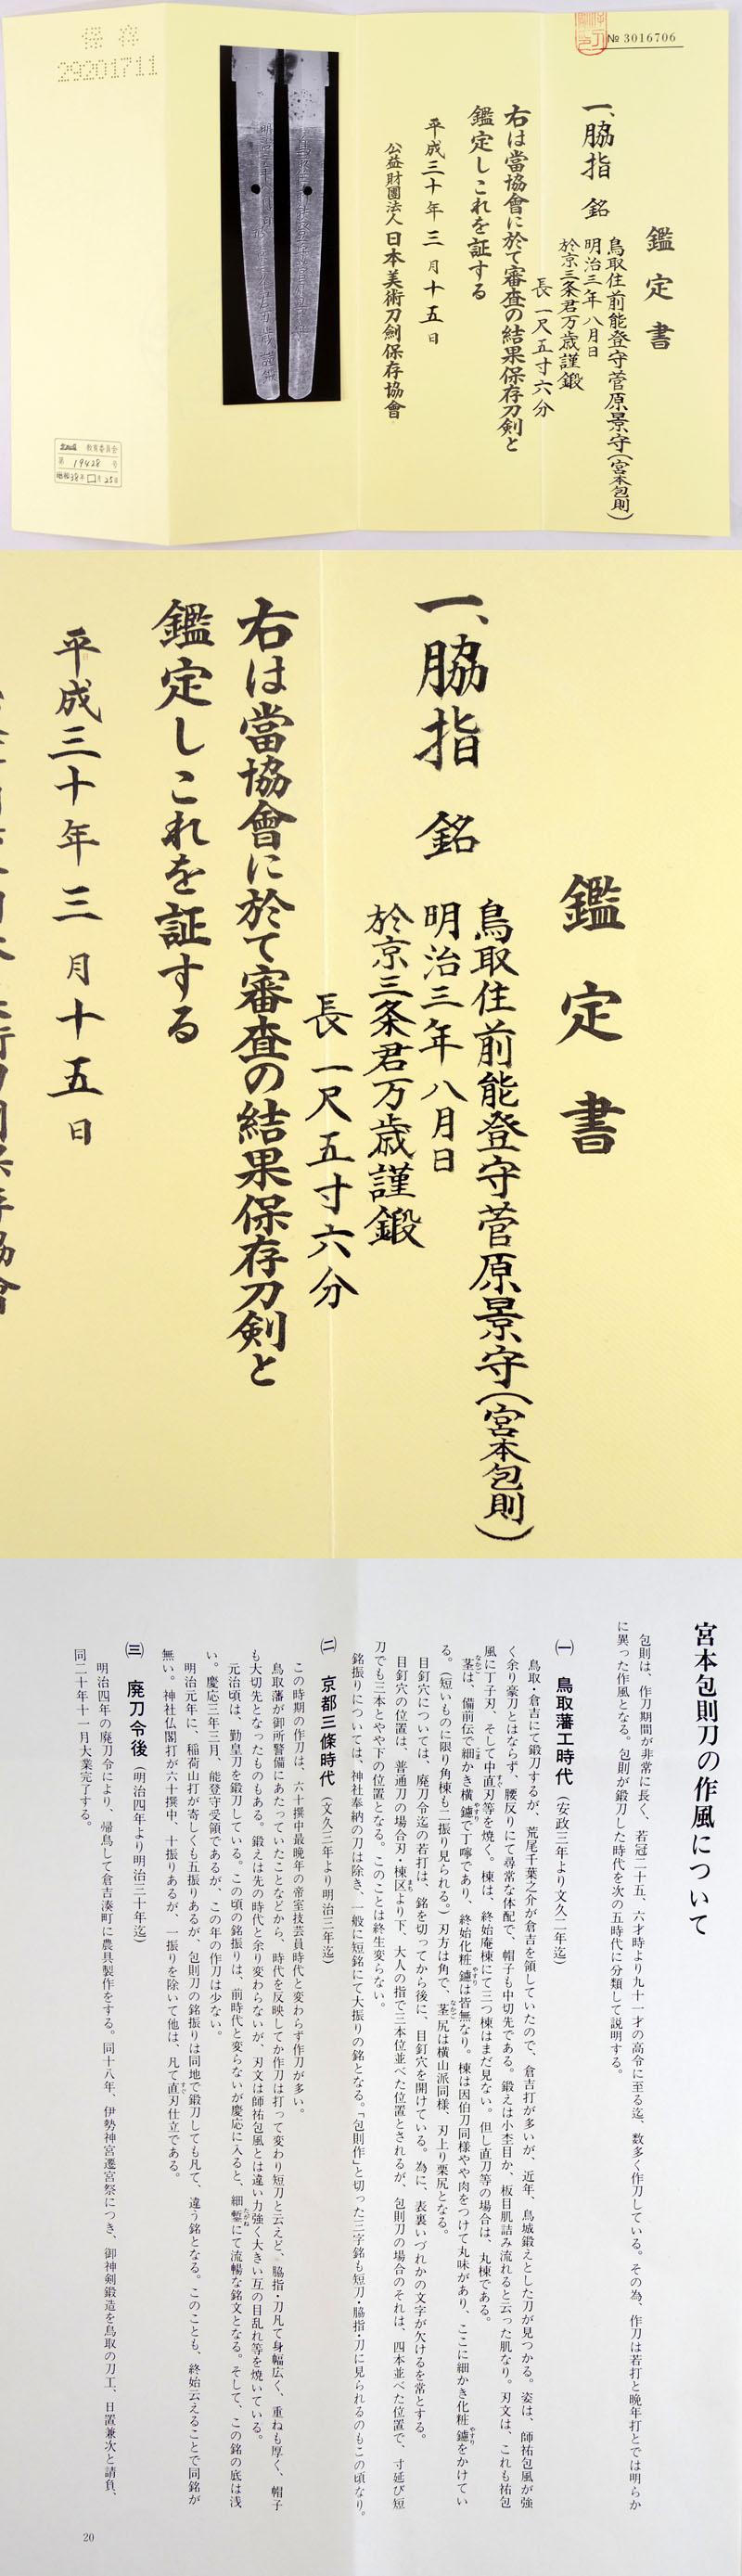 鳥取住前能登守菅原景守 Picture of Certificate